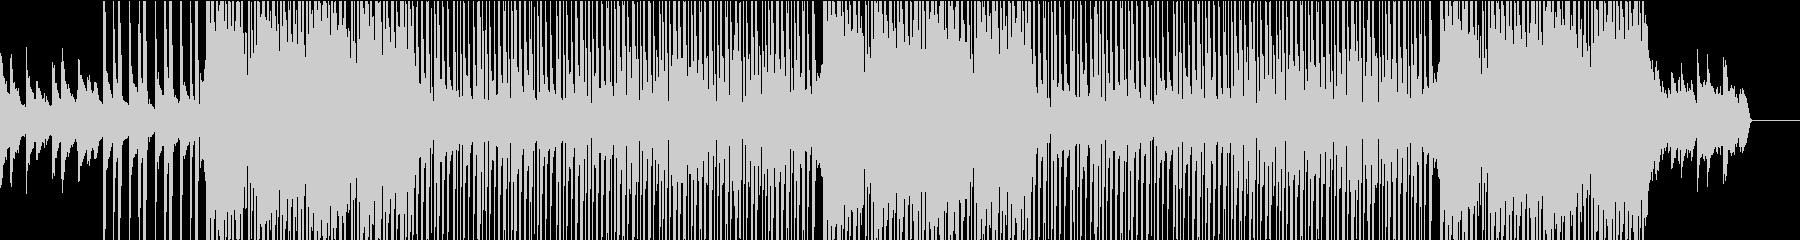 --ピアノ--エモいバラードTRAPの未再生の波形